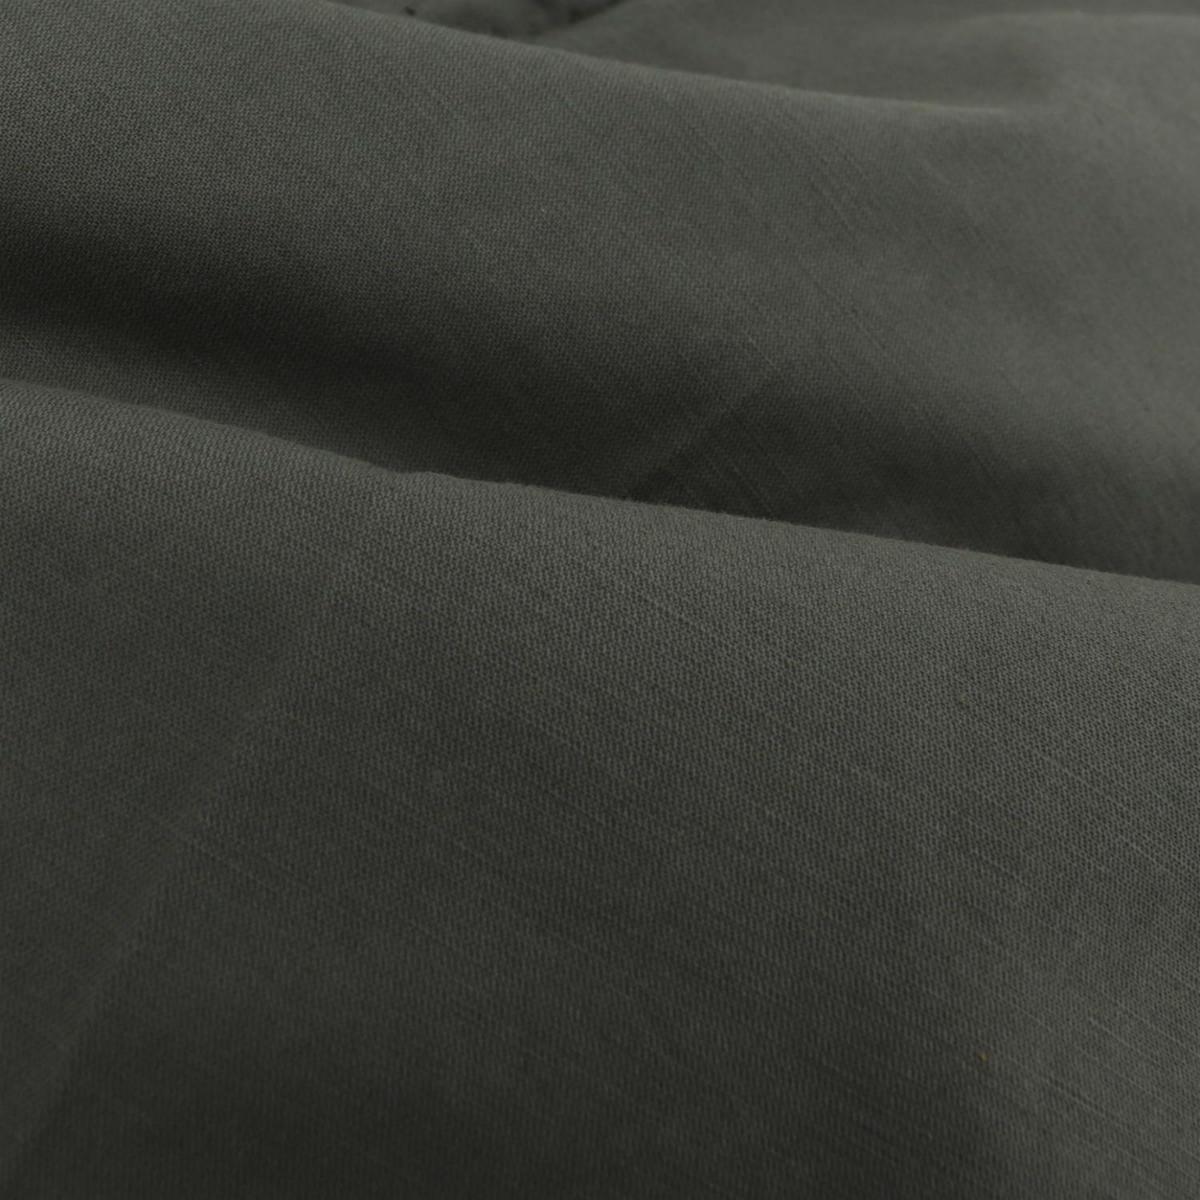 ピーティートリノ PT TORINO メンズ バミューダ ストレッチ リネン混コットン ショートパンツ BERMUDA BUSINESS CBBTKCZ00CL1 PTT PU30 0150(カーキ) 春夏新作